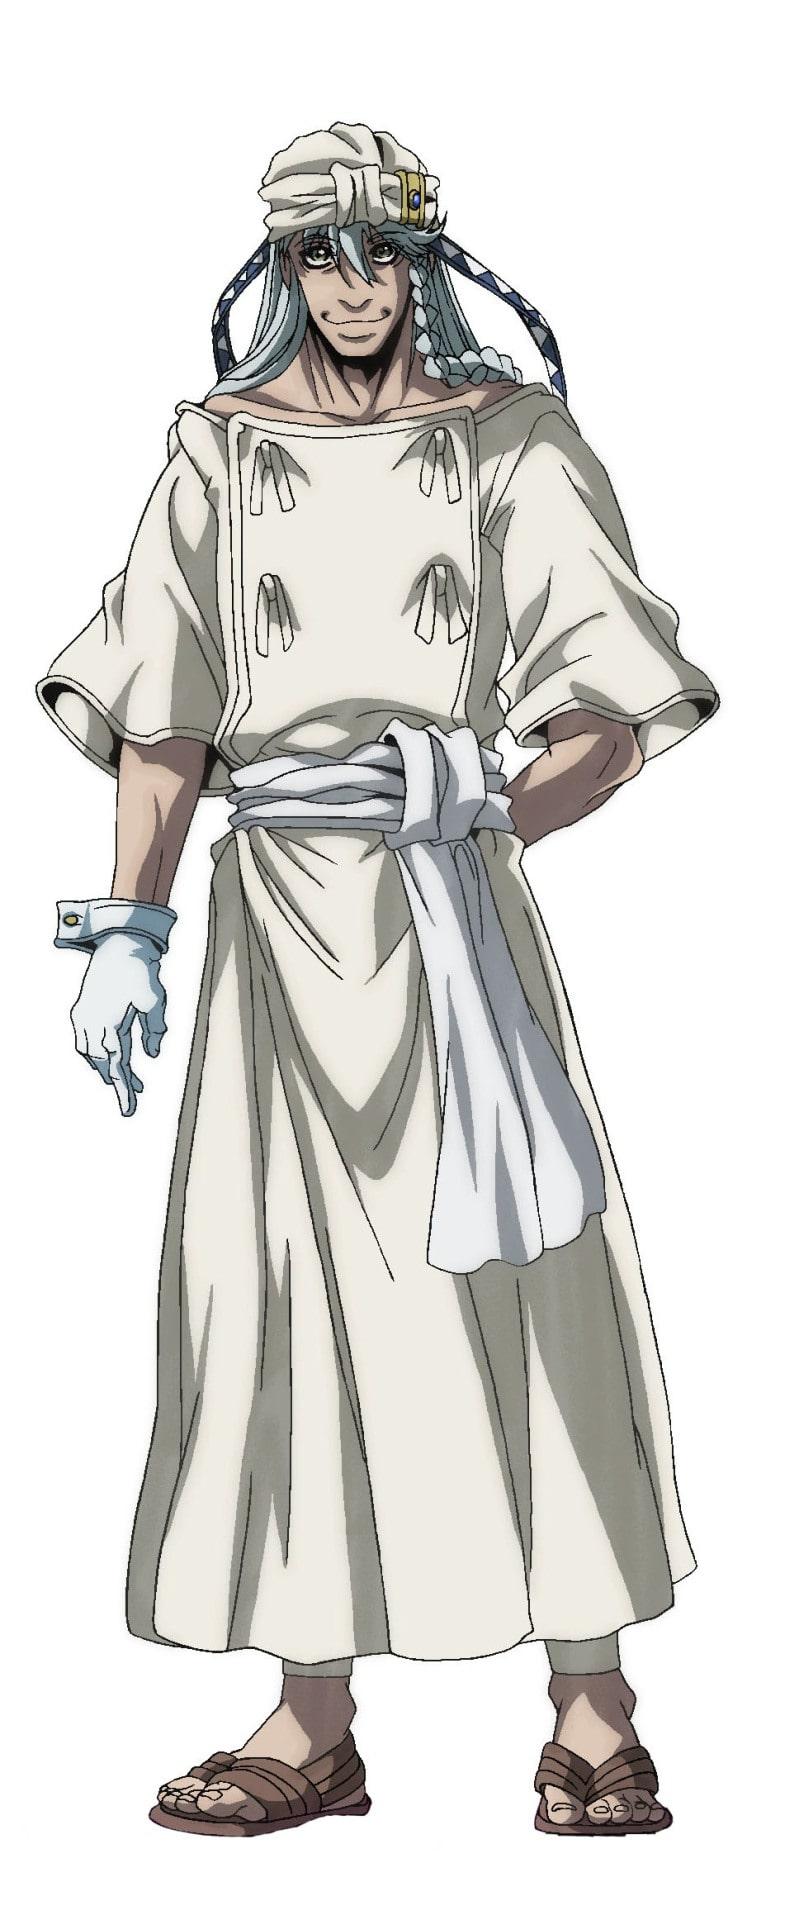 アニメ ドリフターズ テレビの続きはbdで シャイロック8世役に前野智昭 コミックナタリー